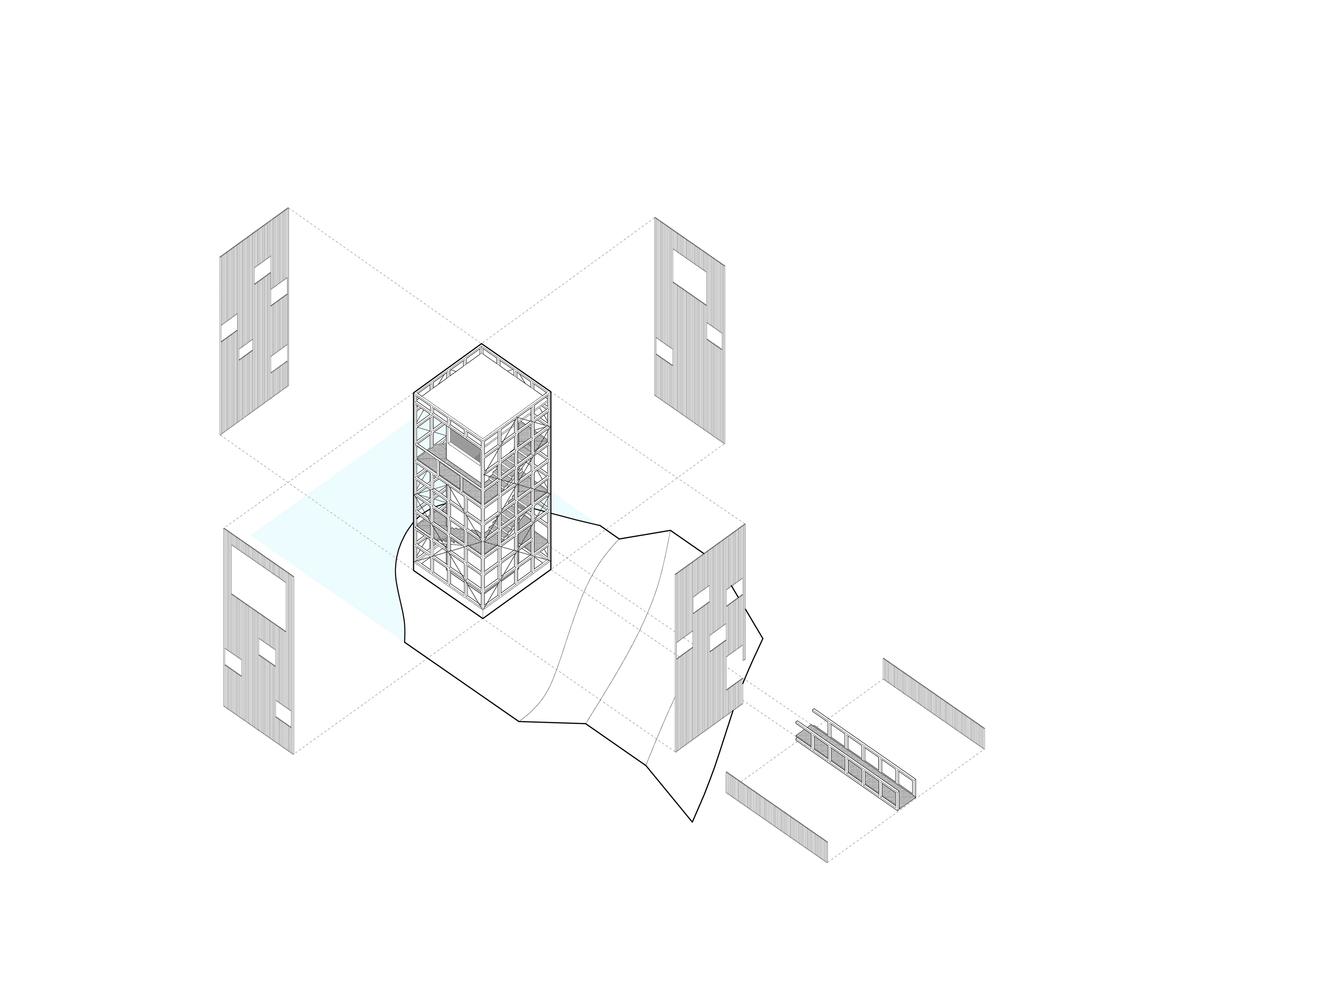 芬兰木材搭建的潜望镜瞭望塔